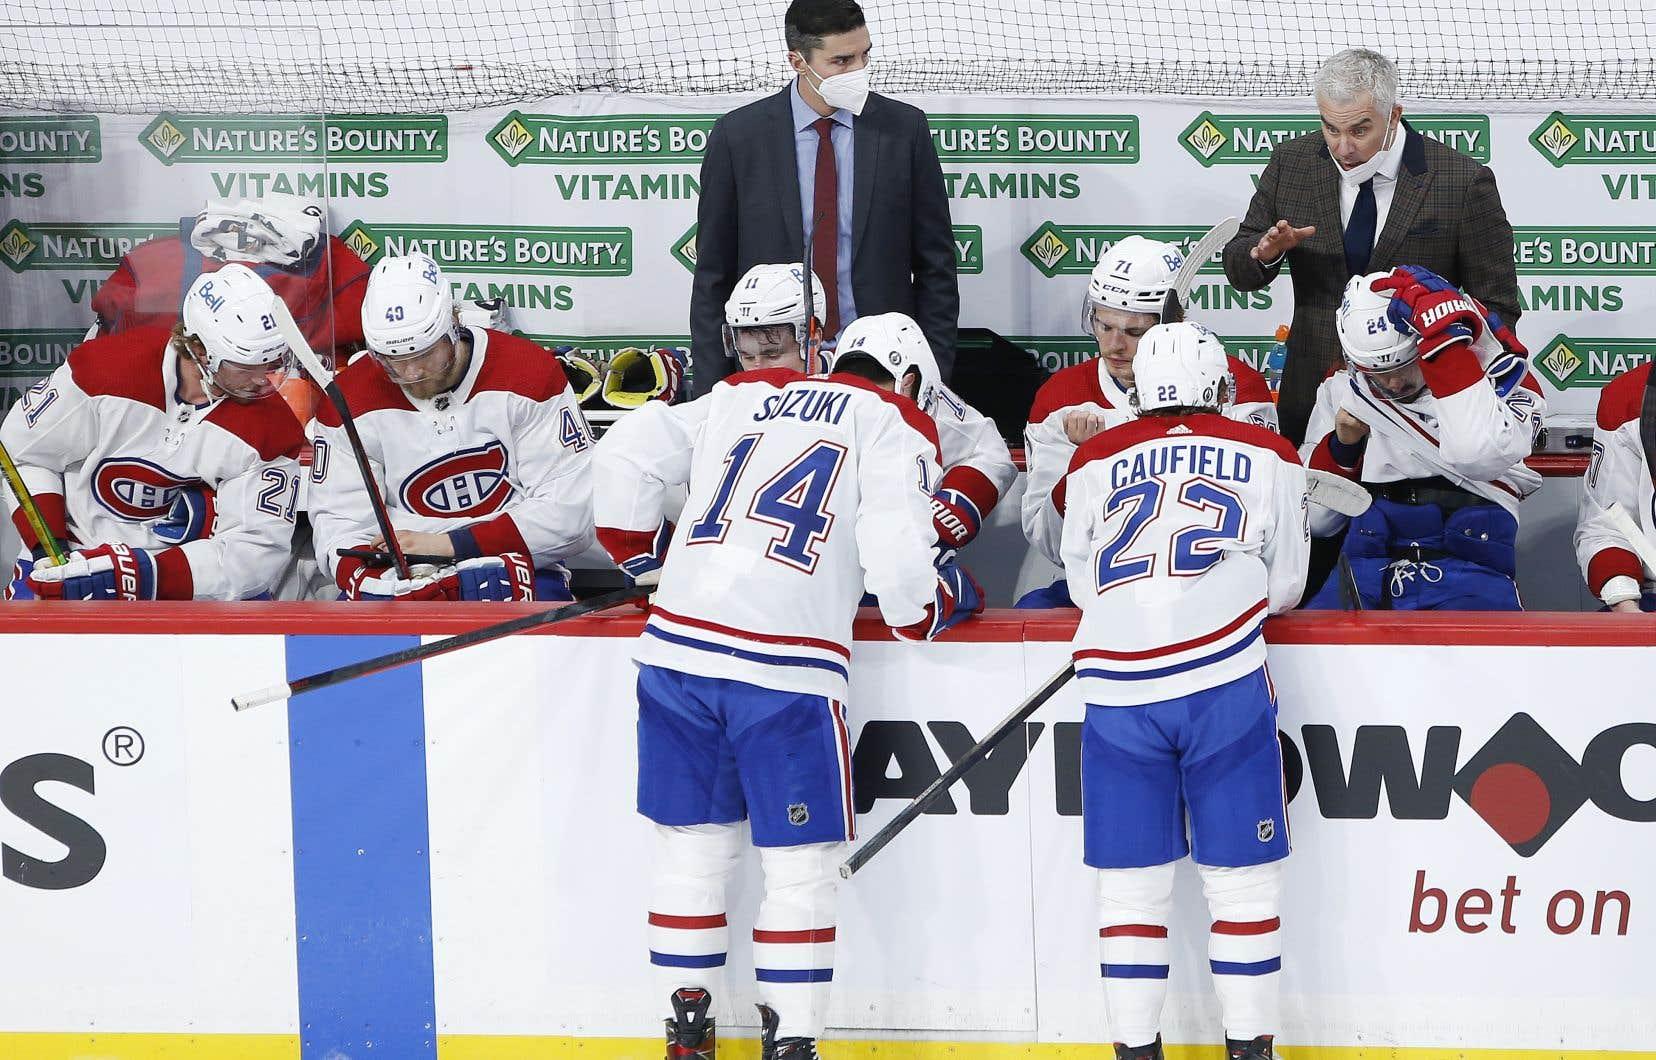 Le Canadien s'entraînera une dernière fois dans la région montréalaise samedi avant de s'envoler vers Las Vegas.